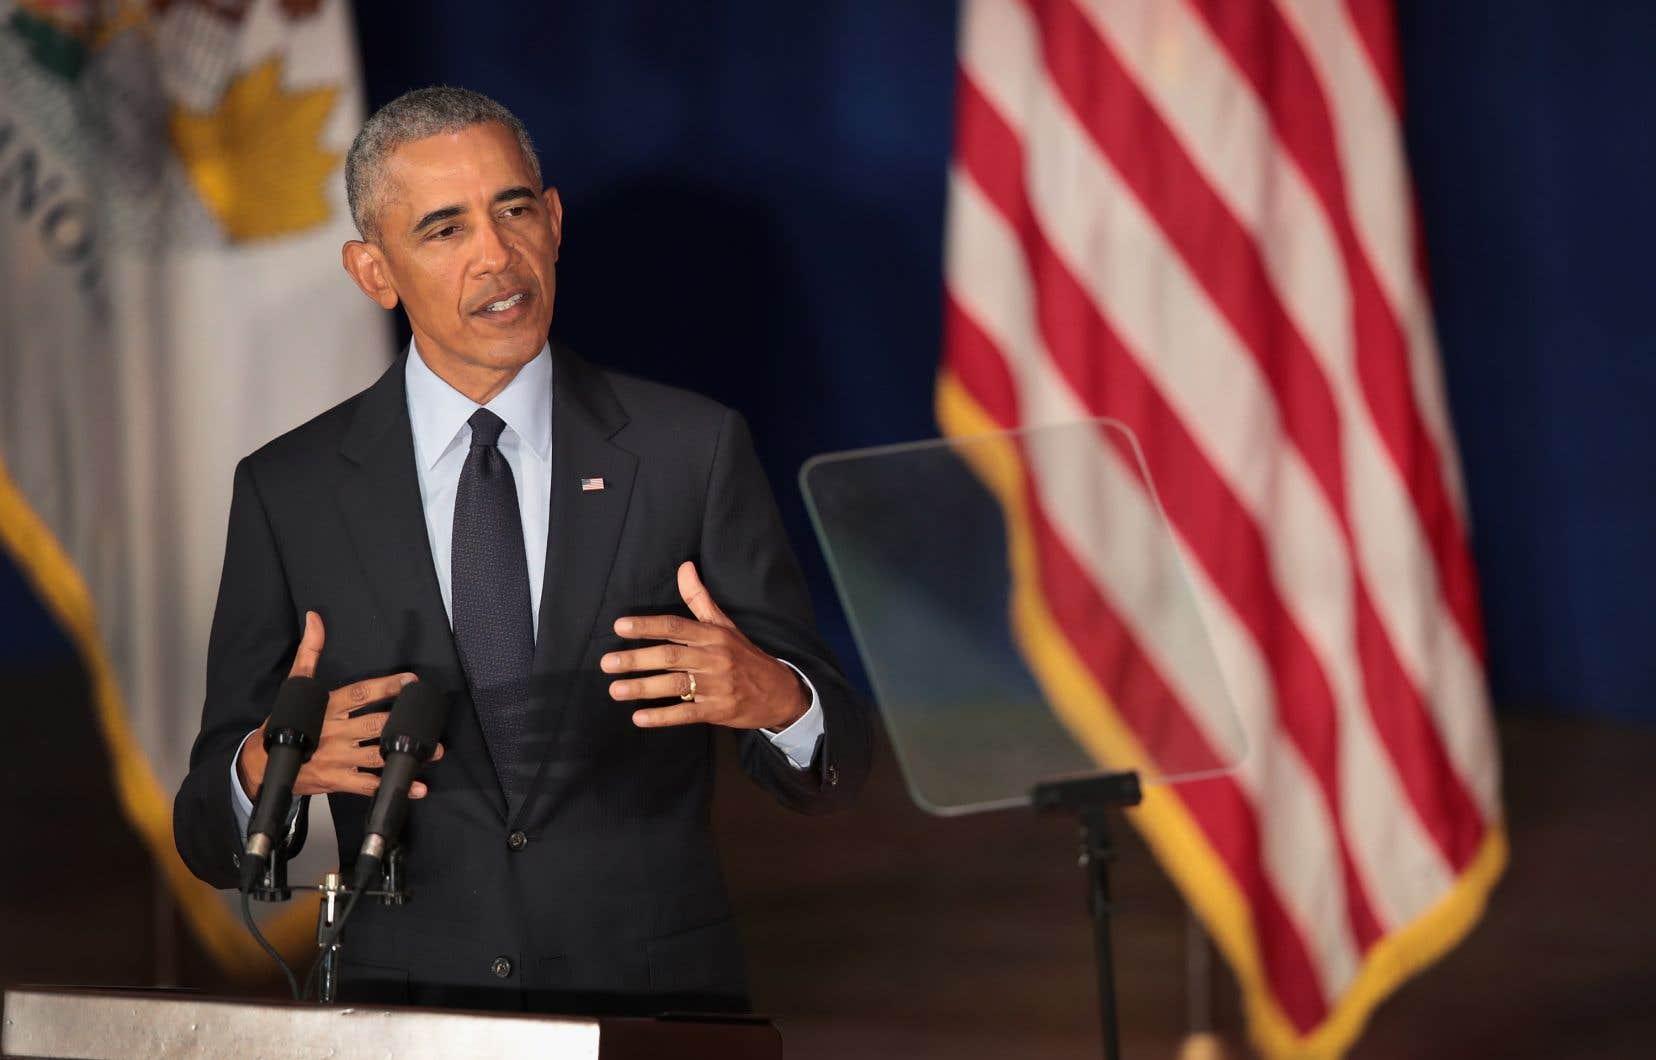 Relativement discret depuis son départ de la Maison-Blanche, Barack Obama a clairement l'intention de s'impliquer dans la campagne pour soutenir les démocrates pour les élections législatives à venir.